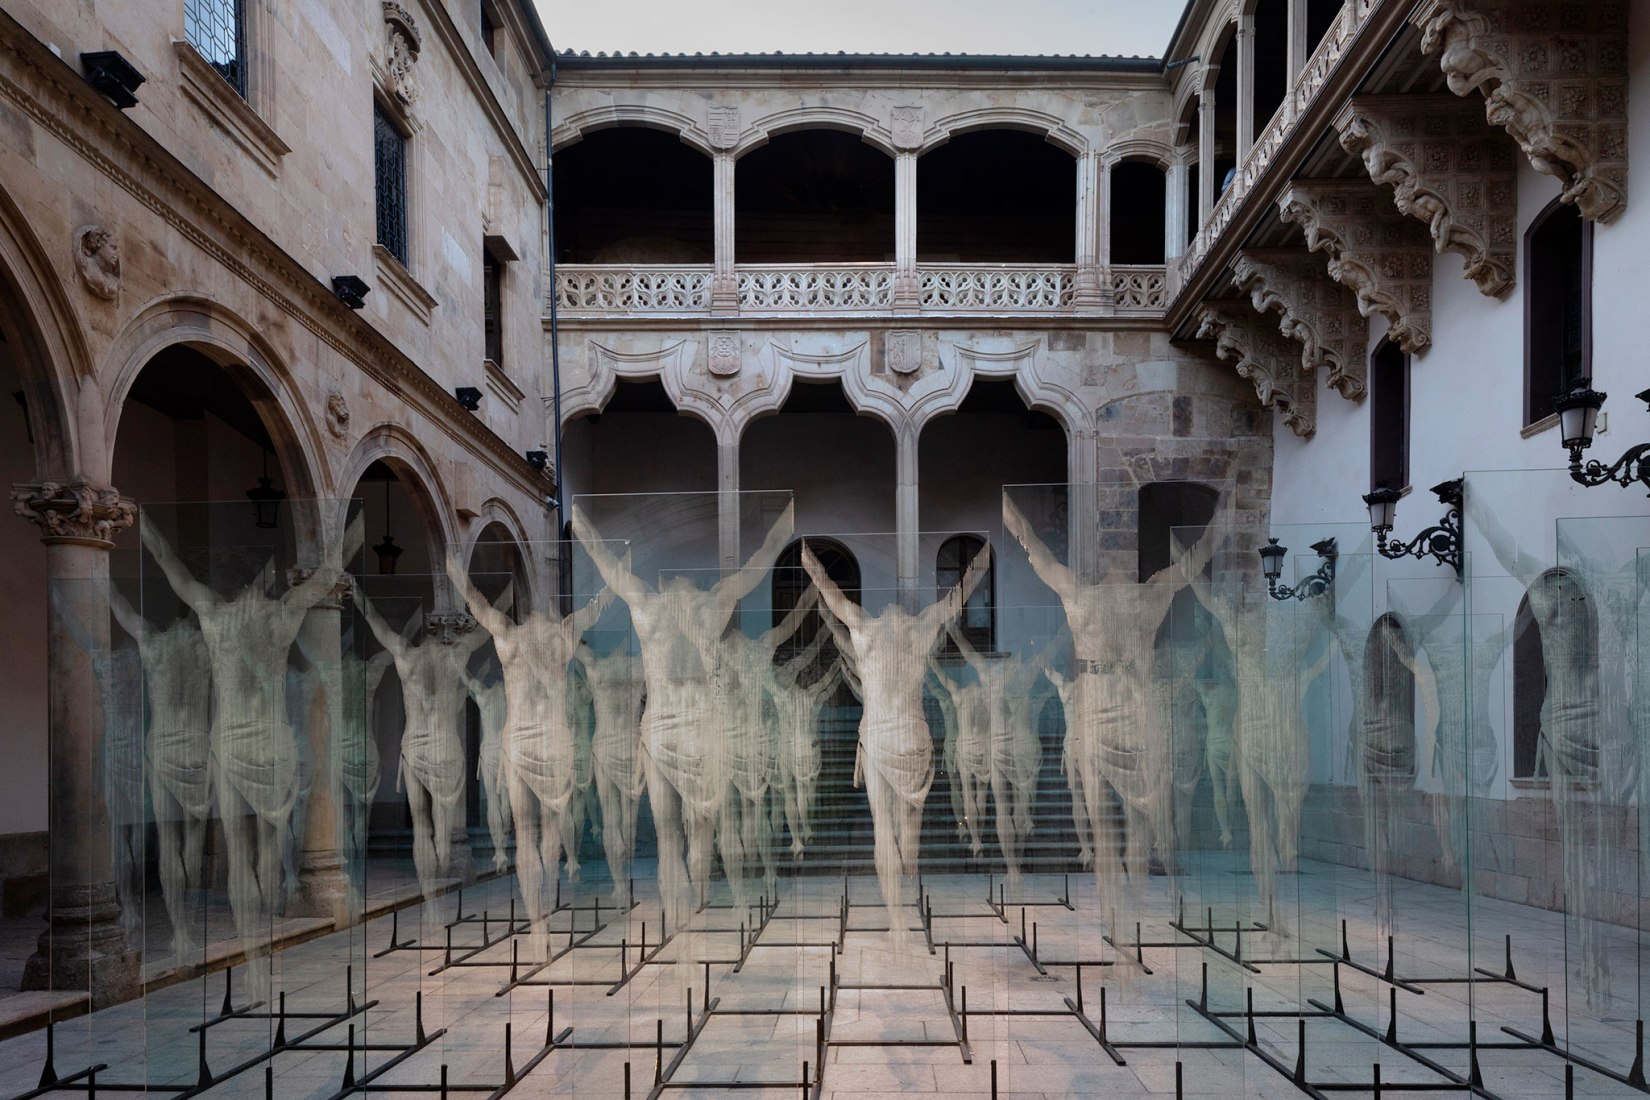 Non Plus Ultra by Gonzalo Borondo in Salamanca. Photograph by Roberto Conte